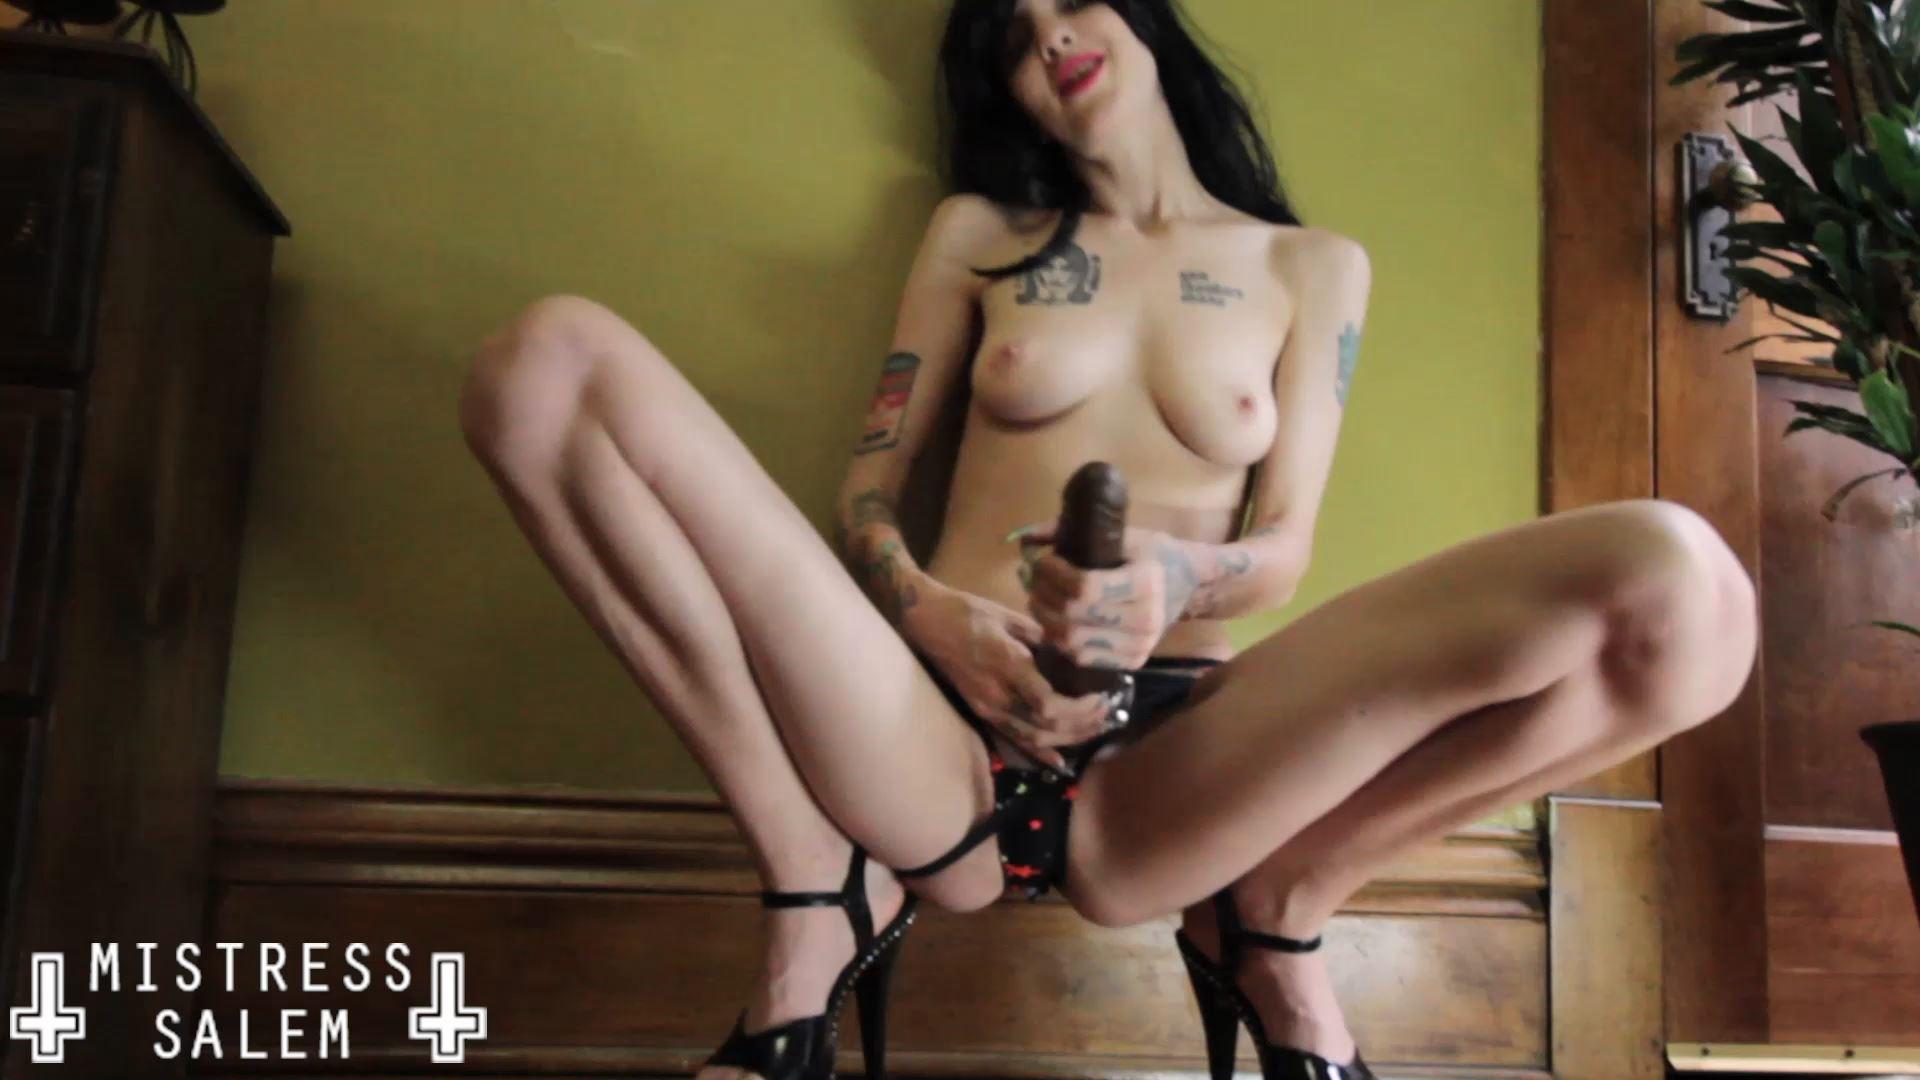 Mistress Salem In Scene: Worship My Cock - MISTRESS SALEM - FULL HD/1080p/MP4